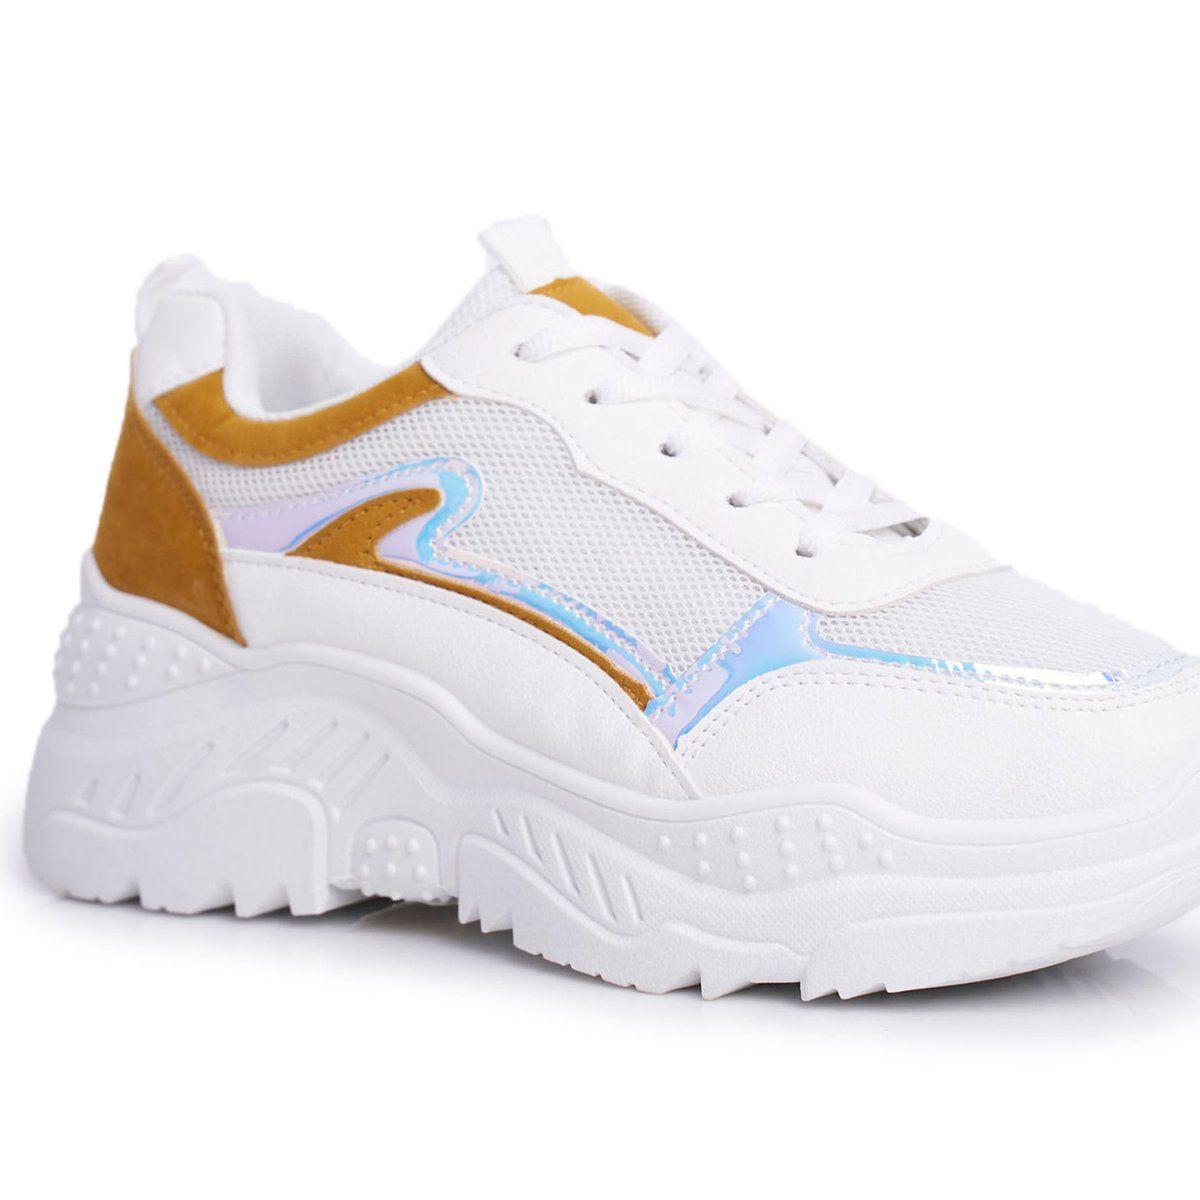 Bugo Sportowe Damskie Buty Zolto Biale Memory Zolte Sneakers Nike Sneakers Brooks Sneaker